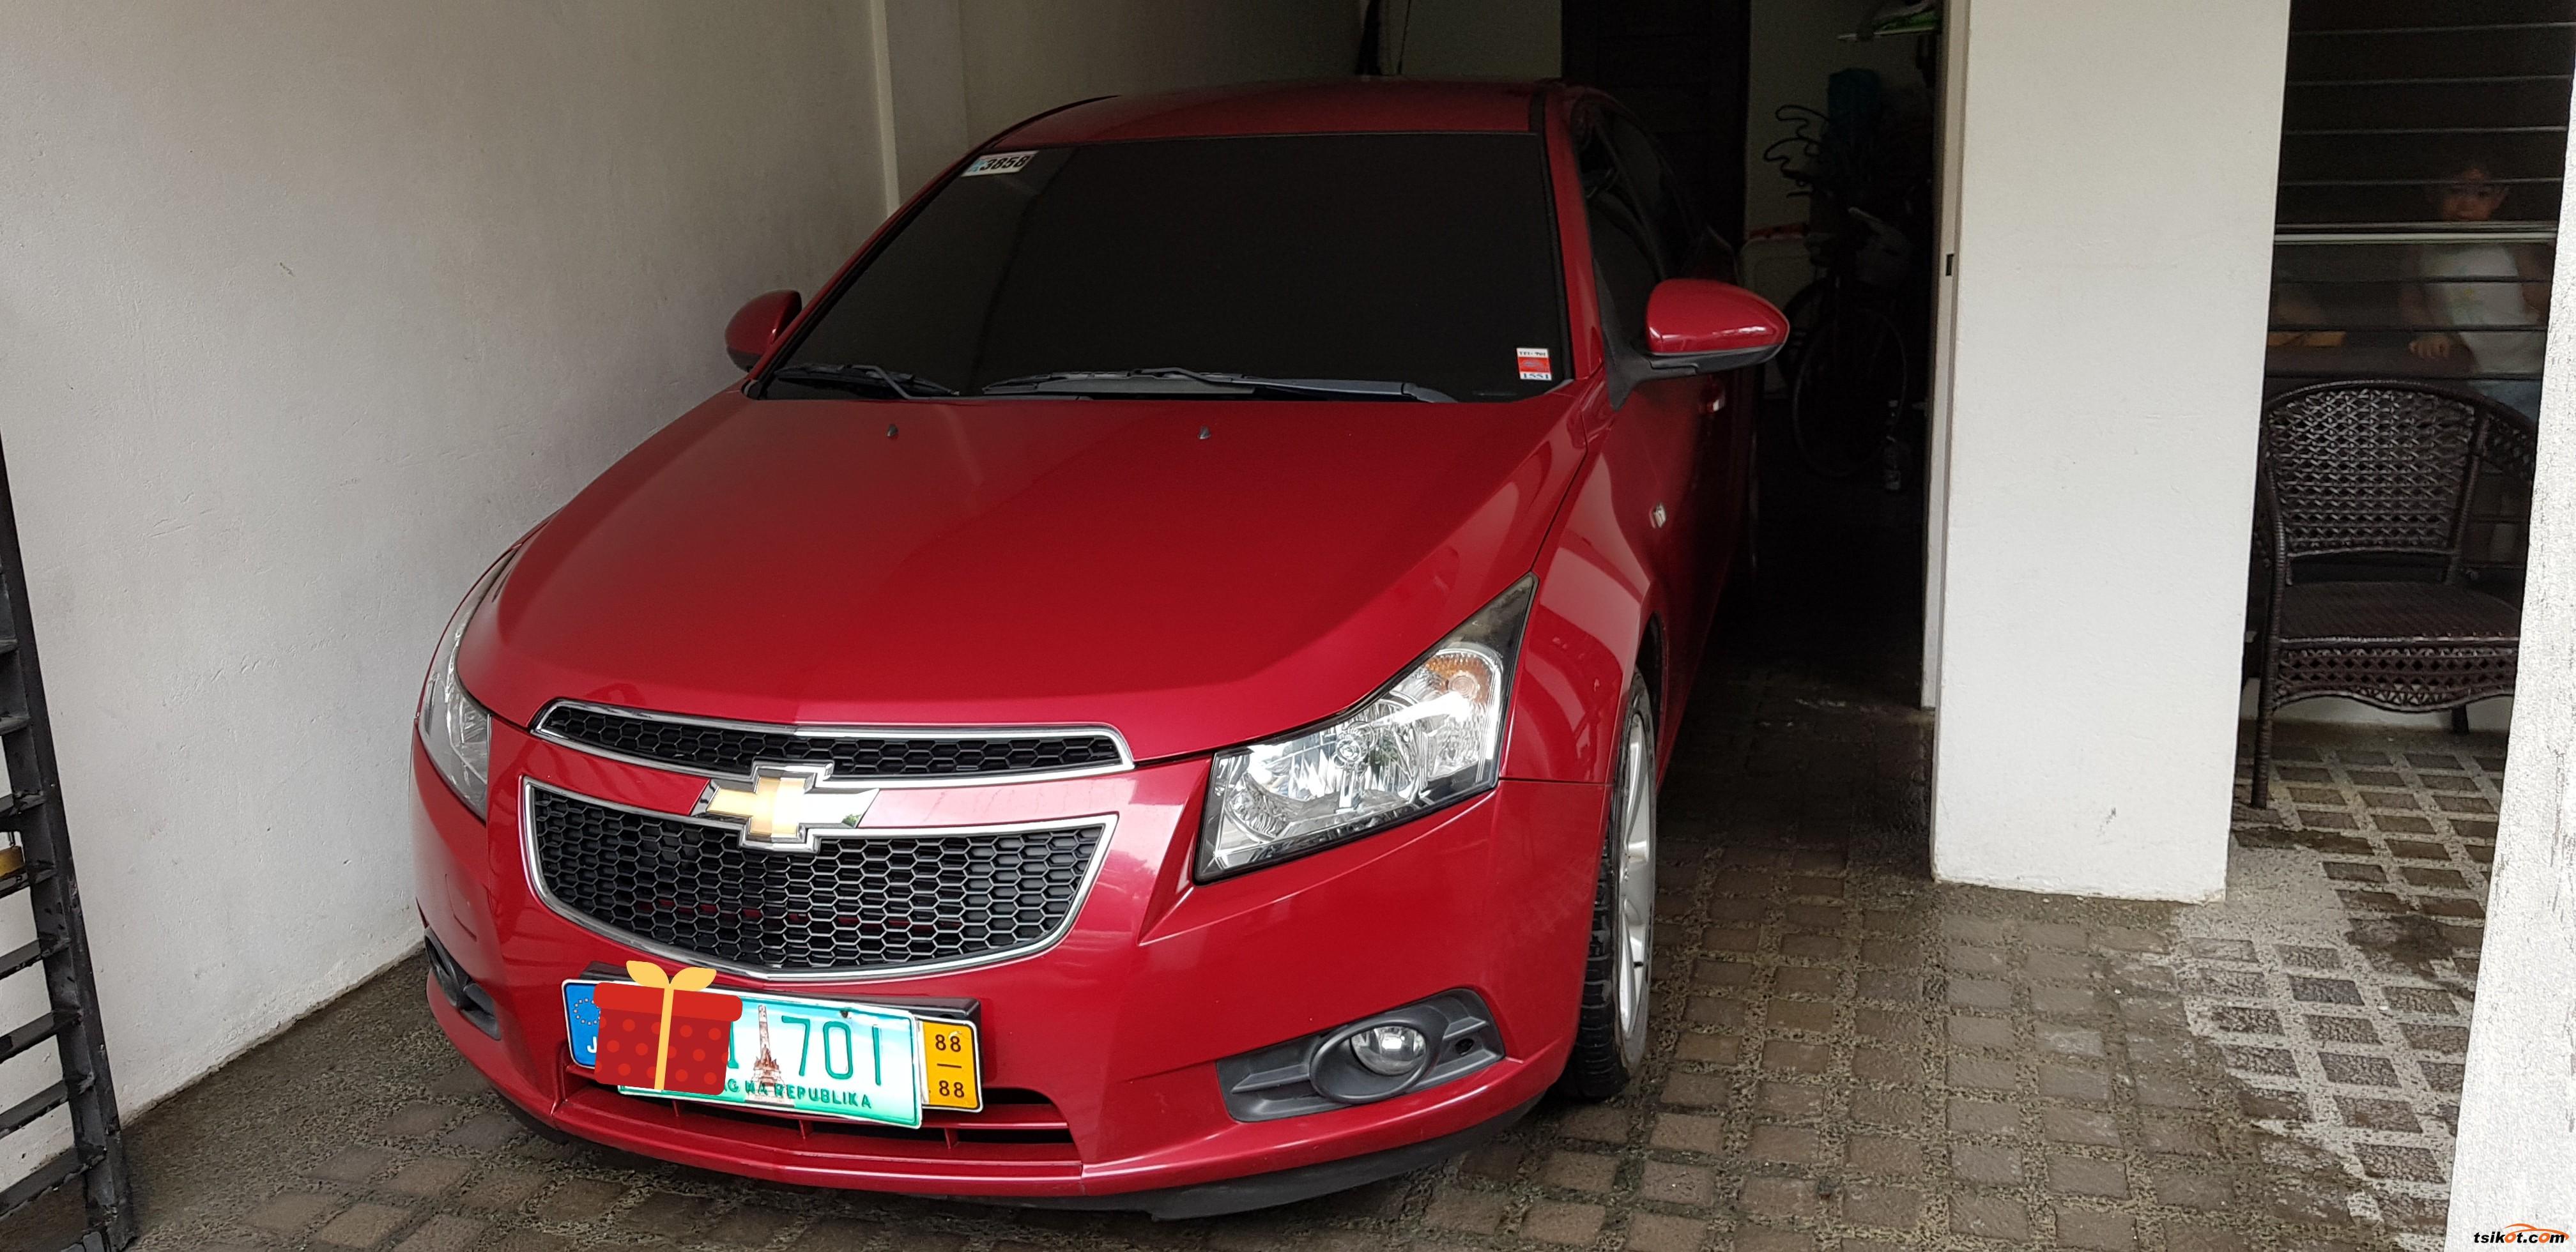 Chevrolet Cruze 2011 - 7